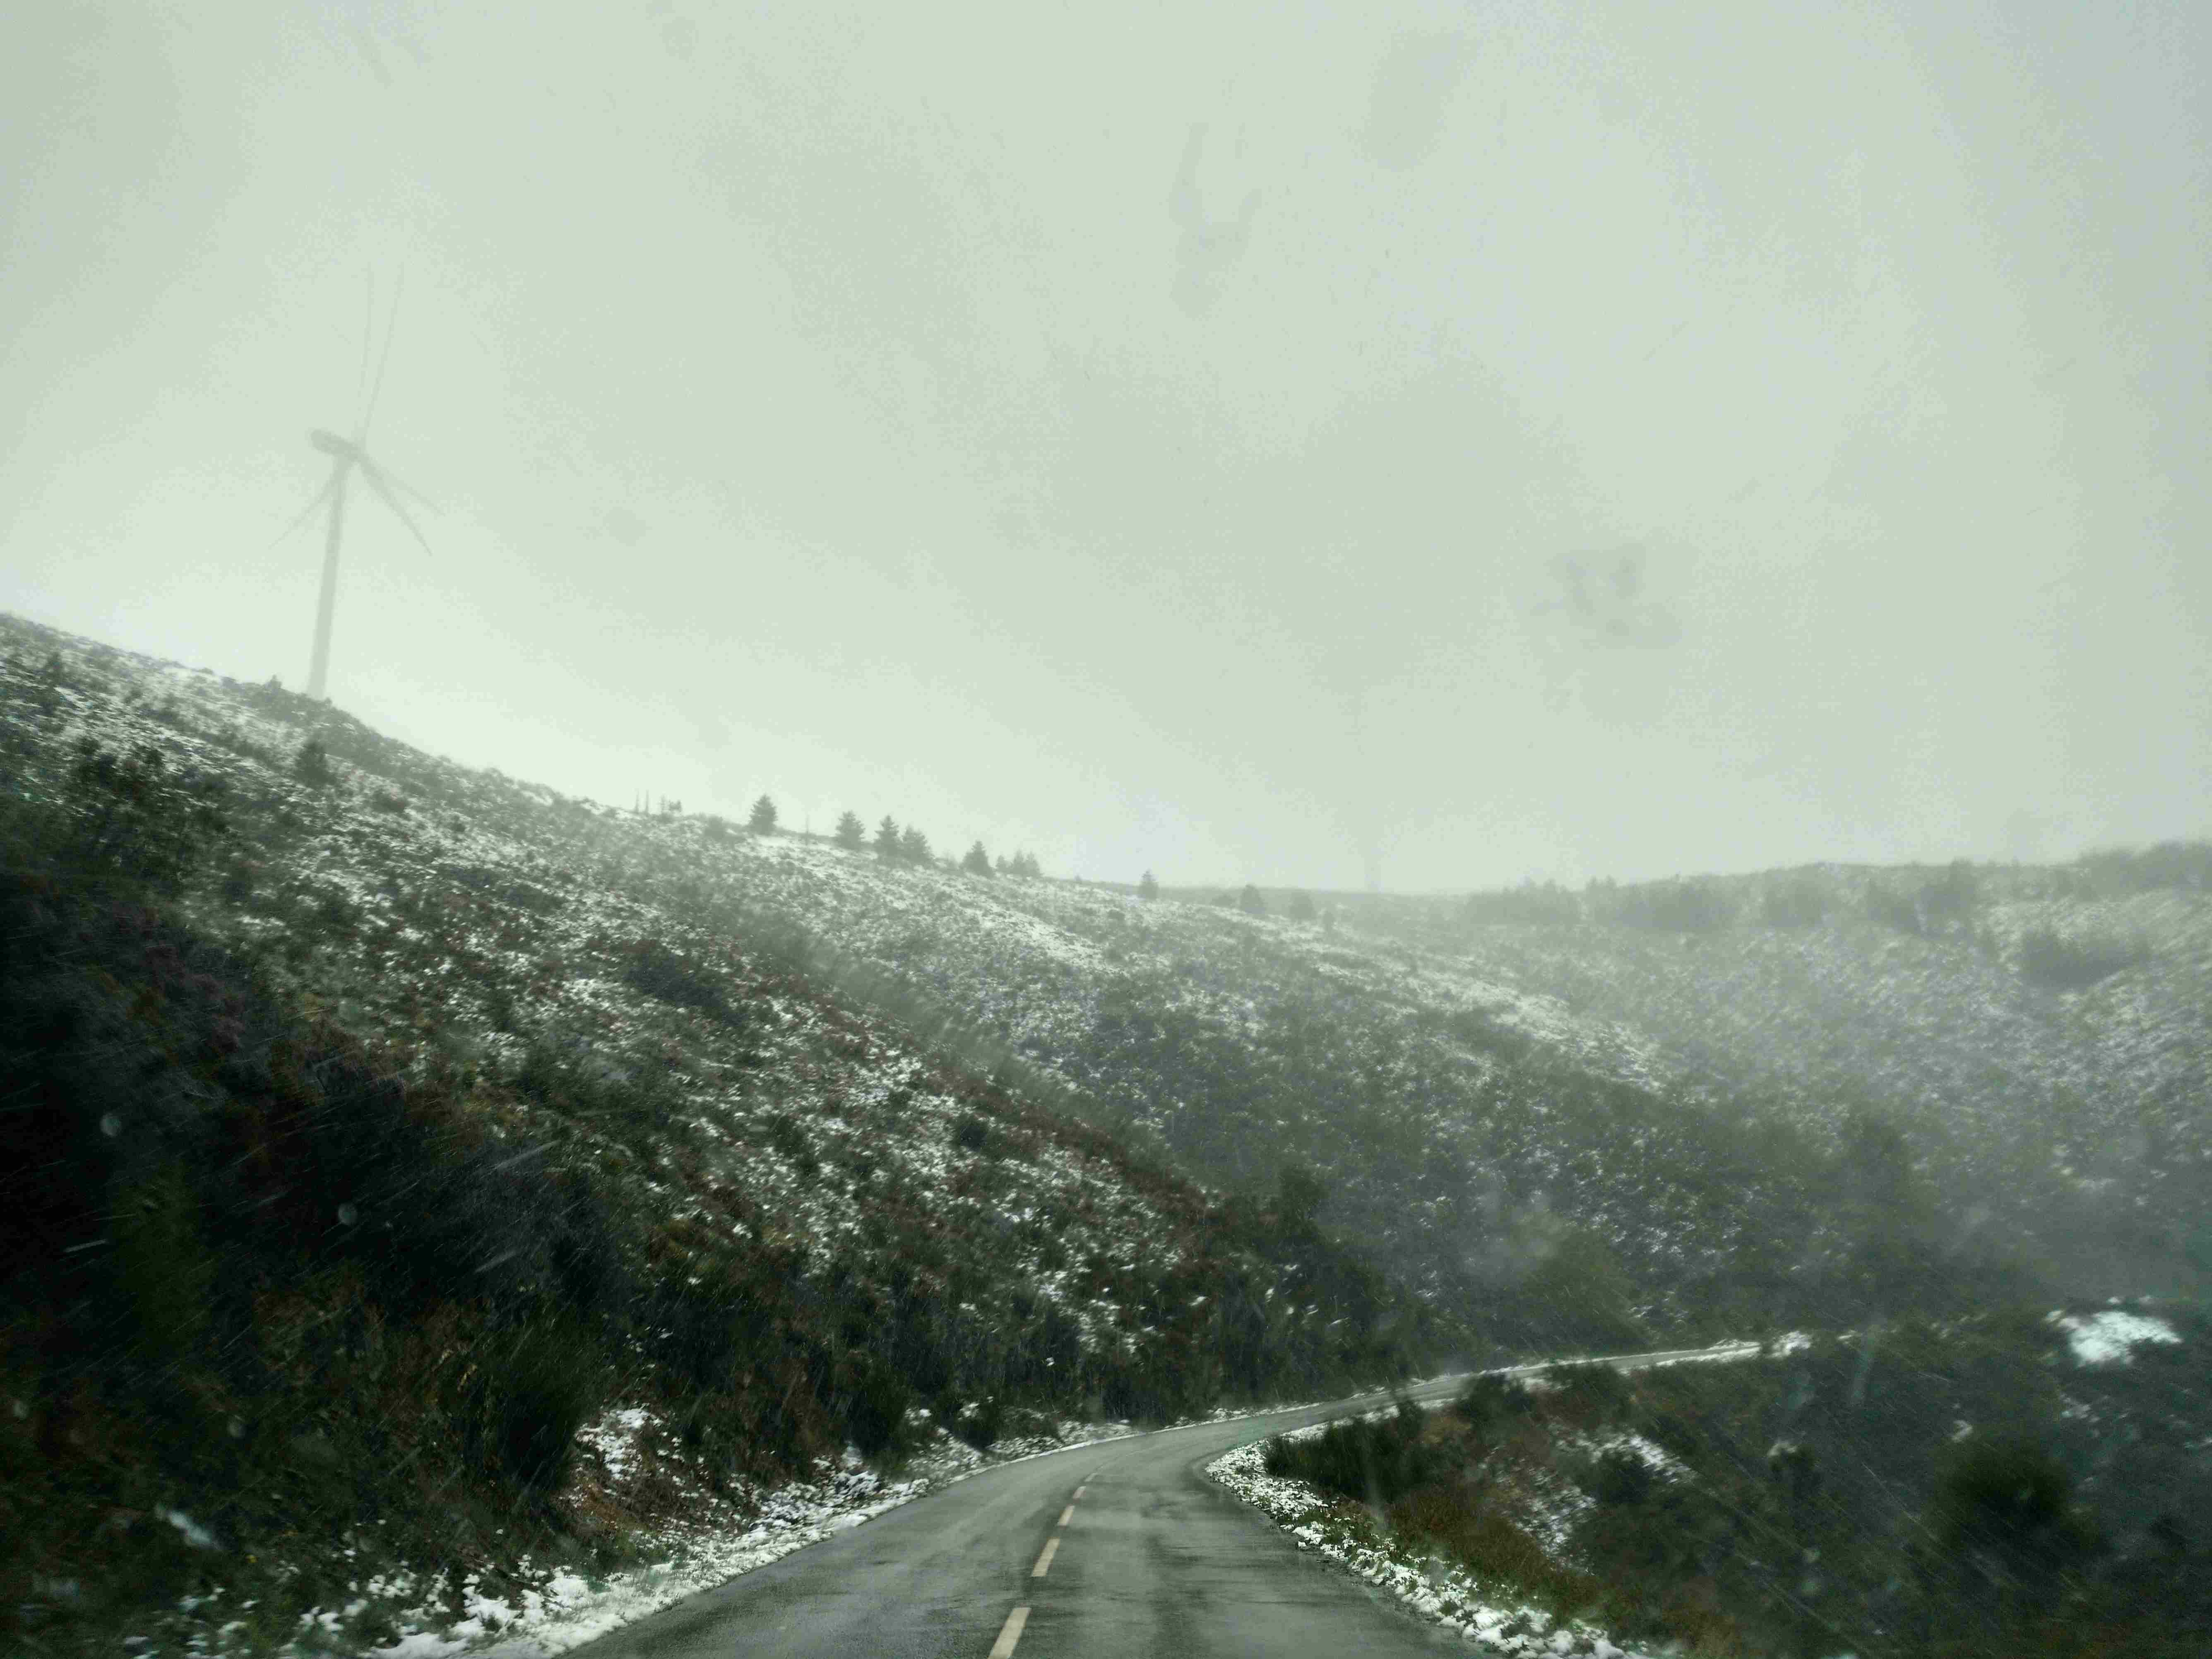 Neve nos montes na estrada E.N. 344 no sentido Côja - Porto da Balsa, perto dos Parrozelos, no Sábado, 25 de Março de 2017